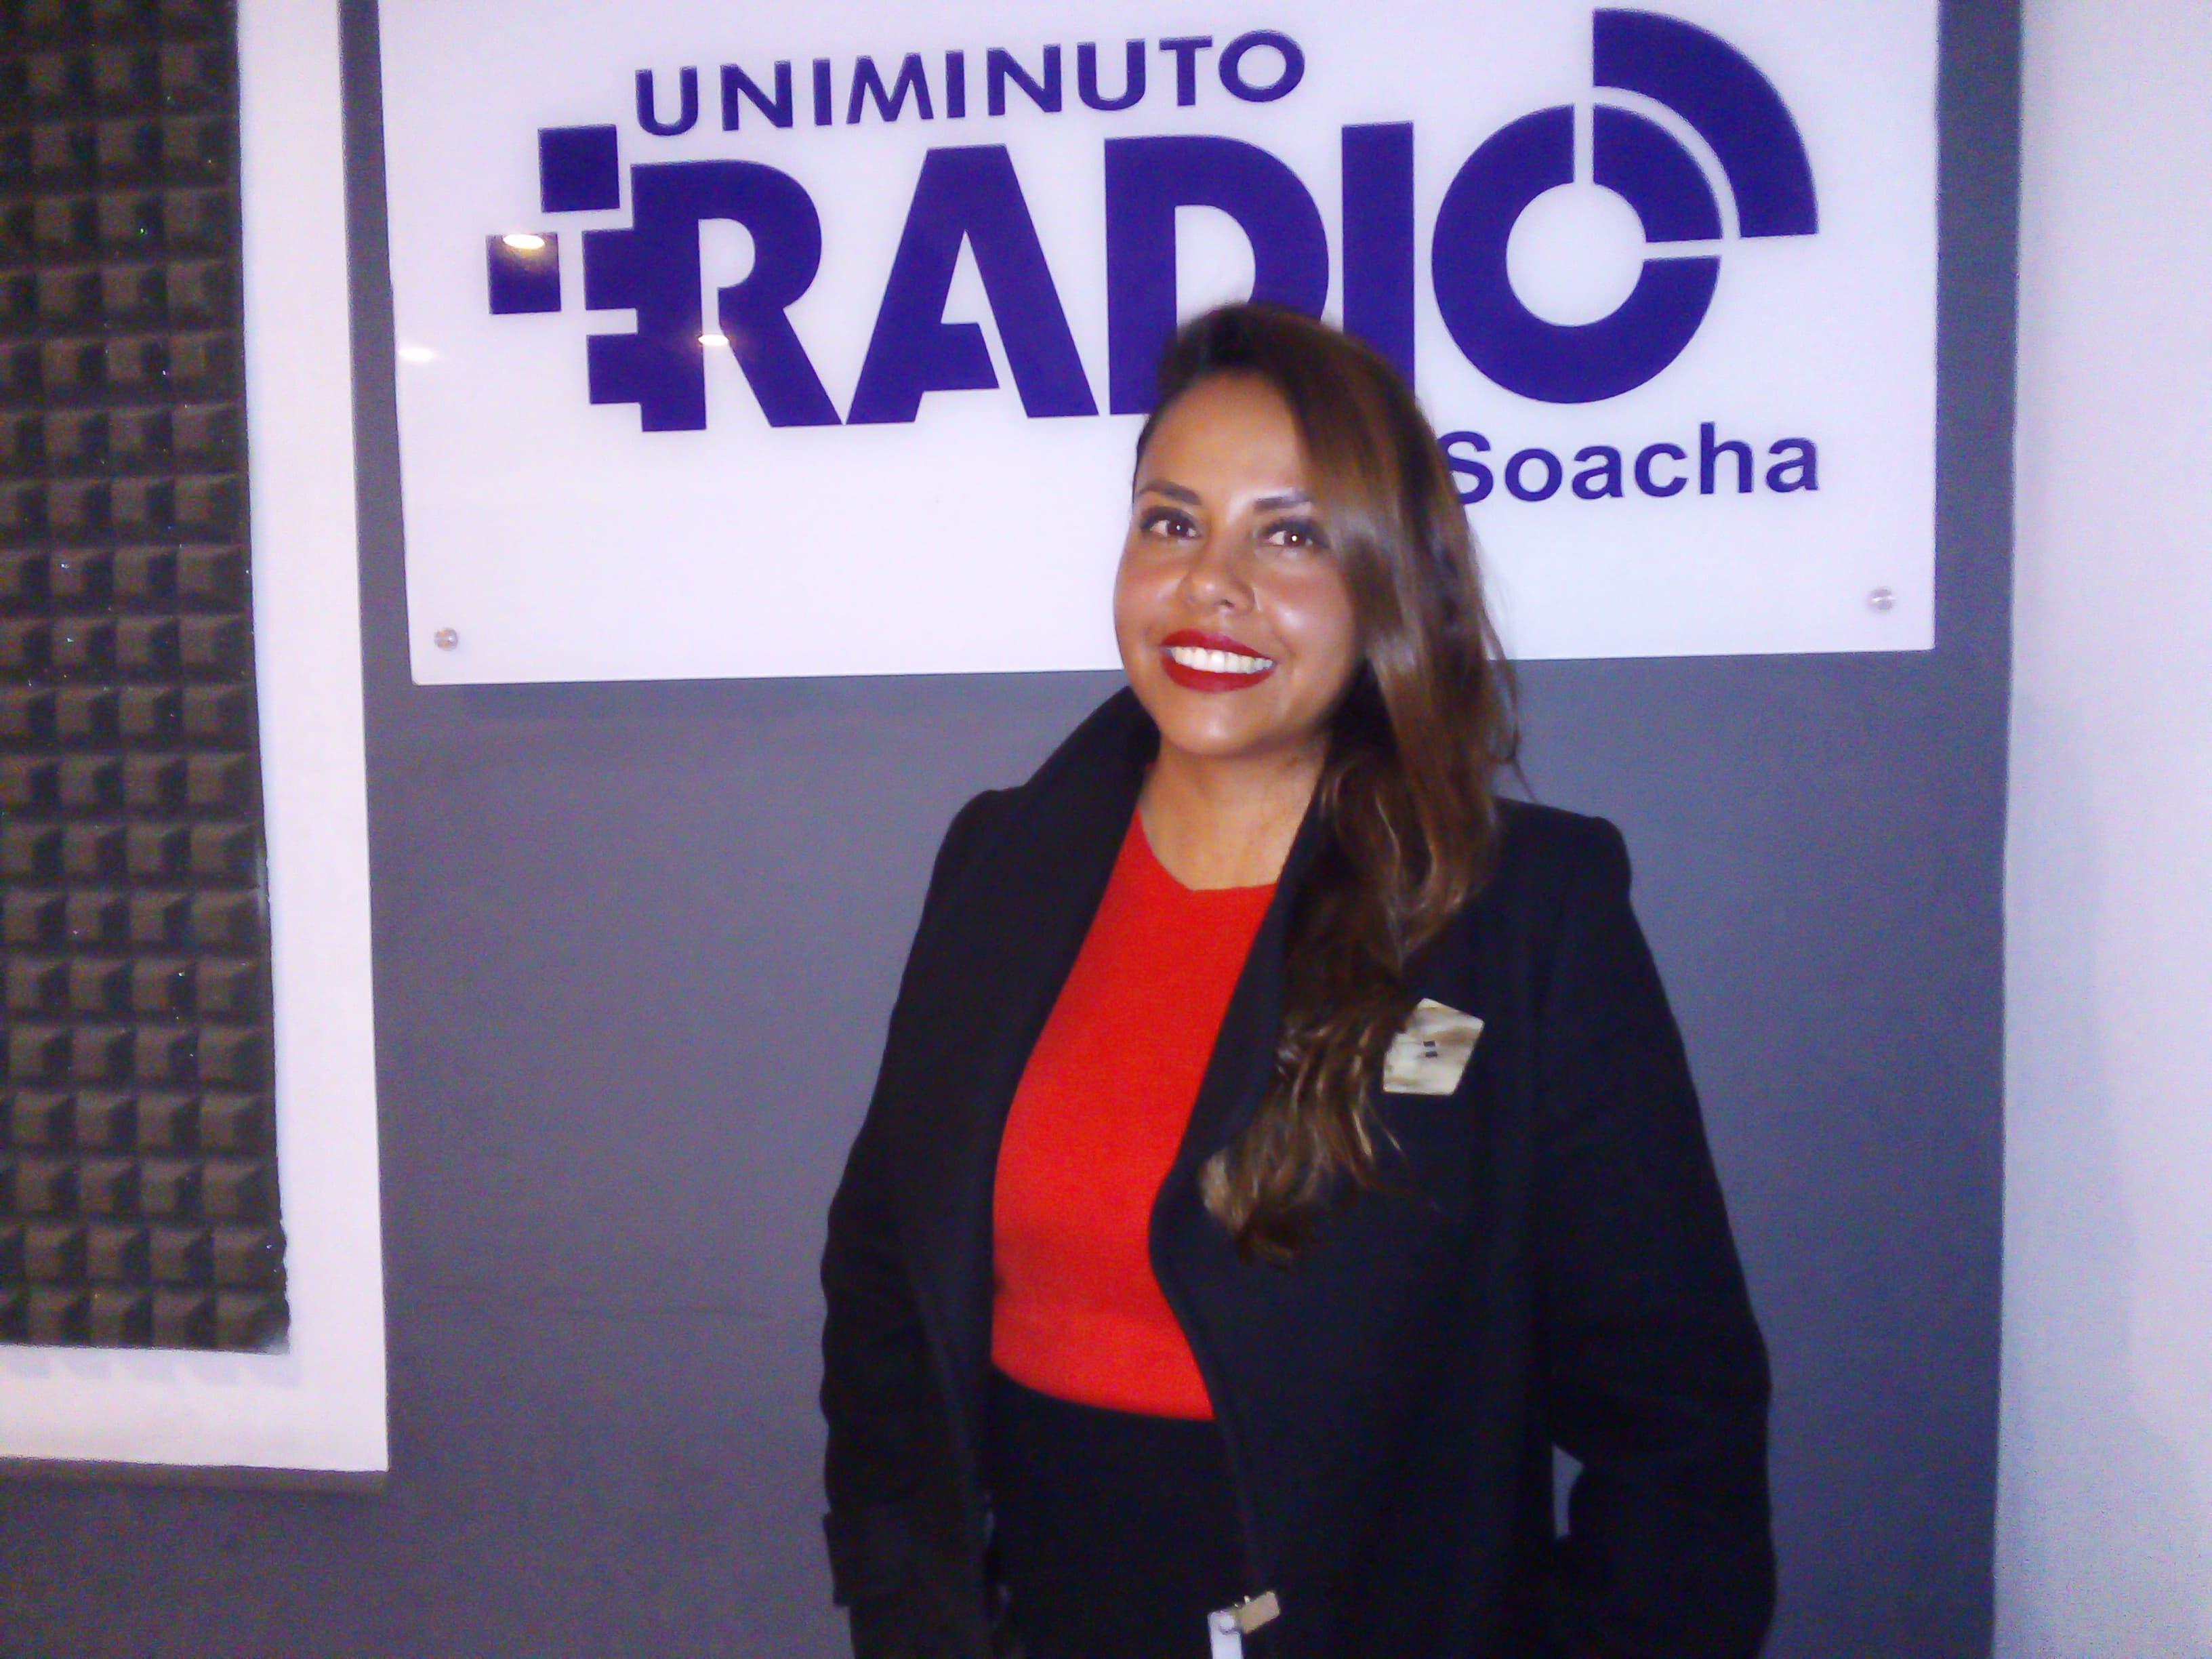 Paola Balda, una mujer que puso de moda las Matemáticas en Soacha